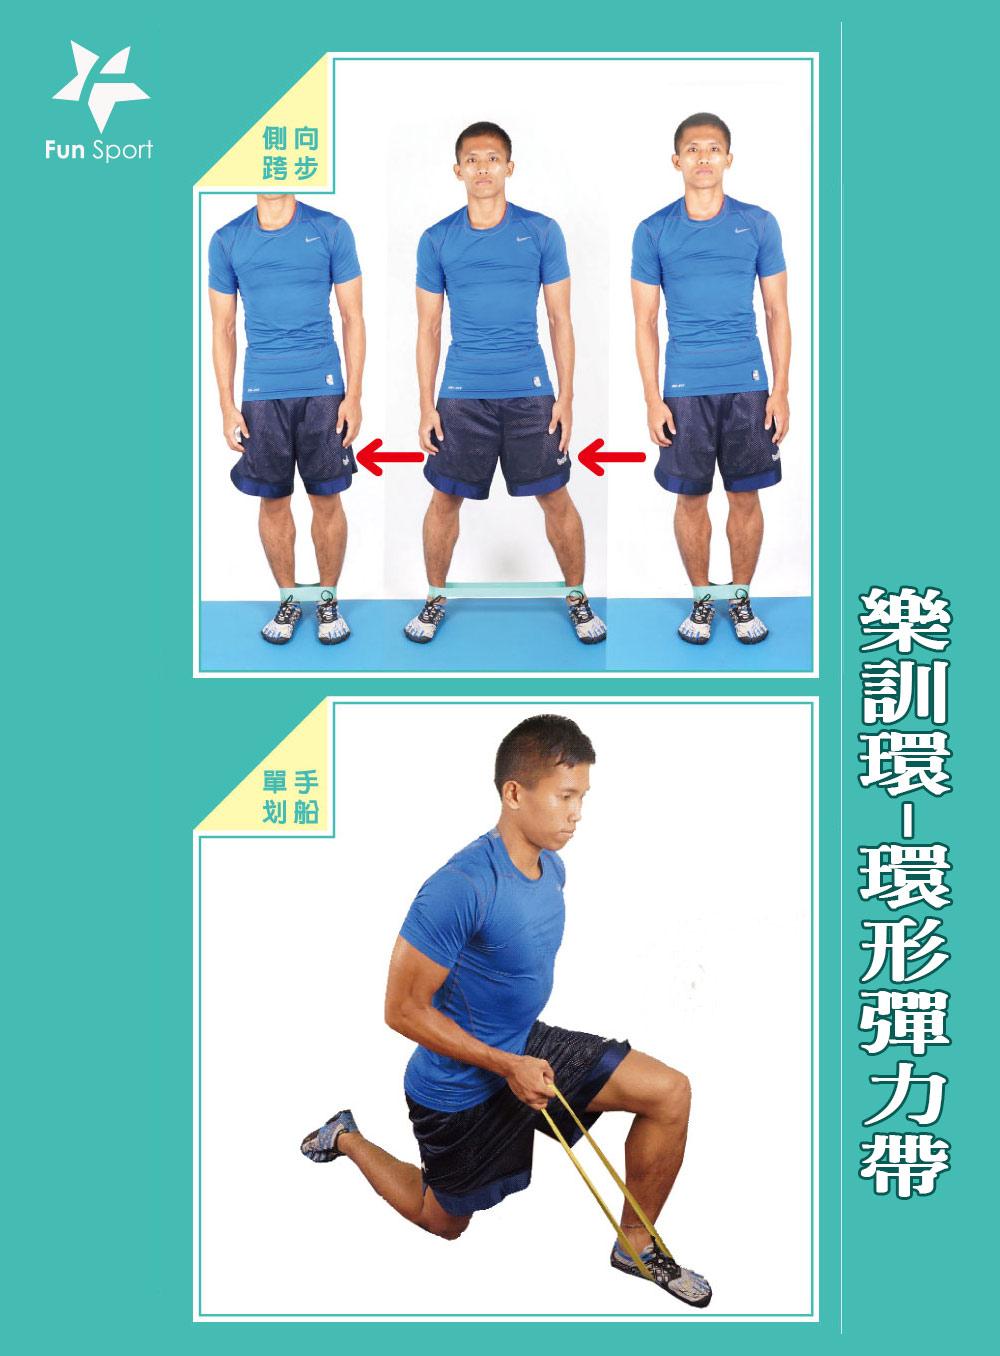 樂訓環環狀彈力帶設計,在健身身運動方面,可以加強多元伸展,輔助側腰運動,維持曲線的美好 !如果你常使用彈力帶健身,那麼環狀彈力帶的設計,可以讓你深入訓練許多動作!